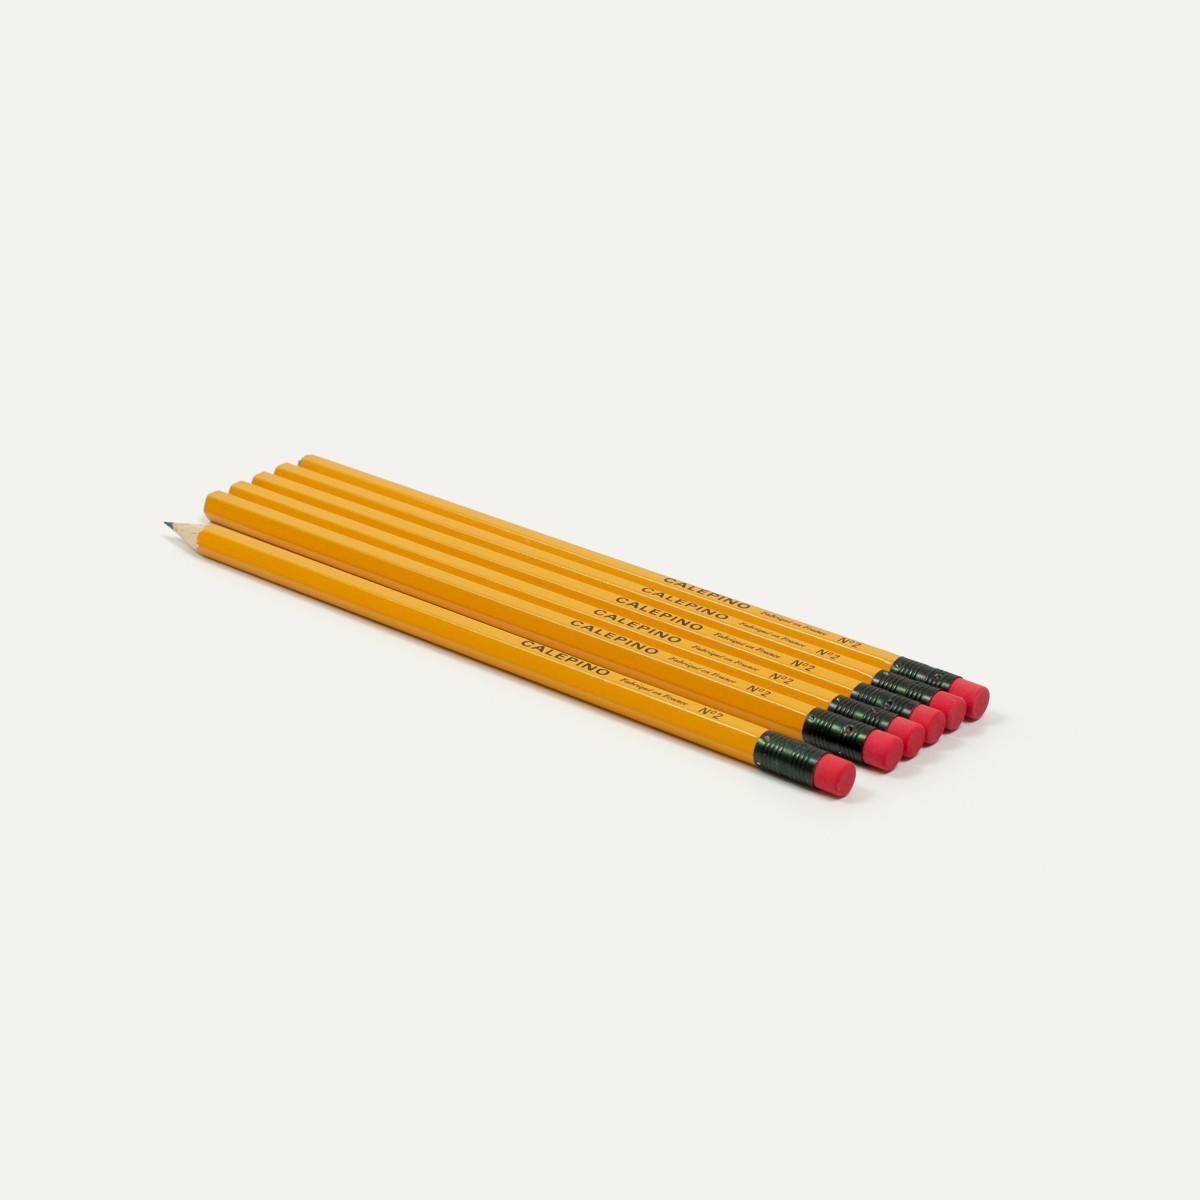 Crayon de Bois -  Set de 6 crayons (image n°2)